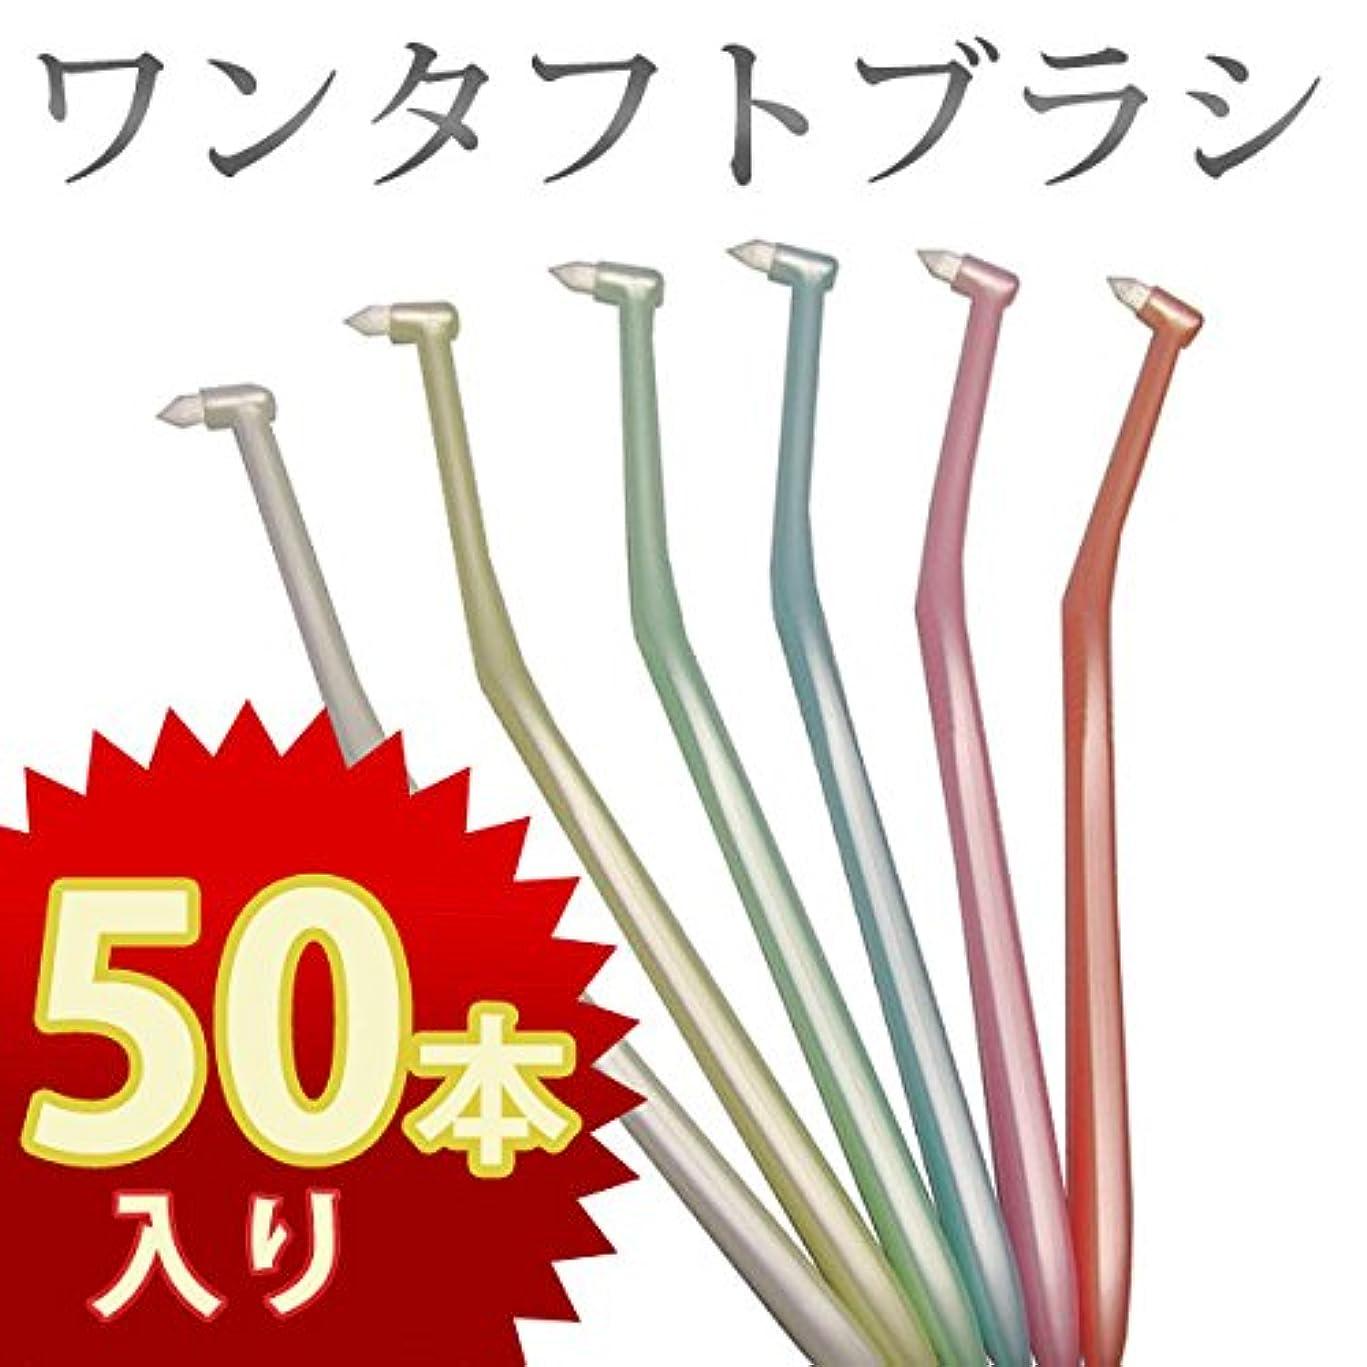 第三スコットランド人平和ラピス ワンタフト 50本入り 歯ブラシ LA-001 ミディアム(ふつう) 6色アソート